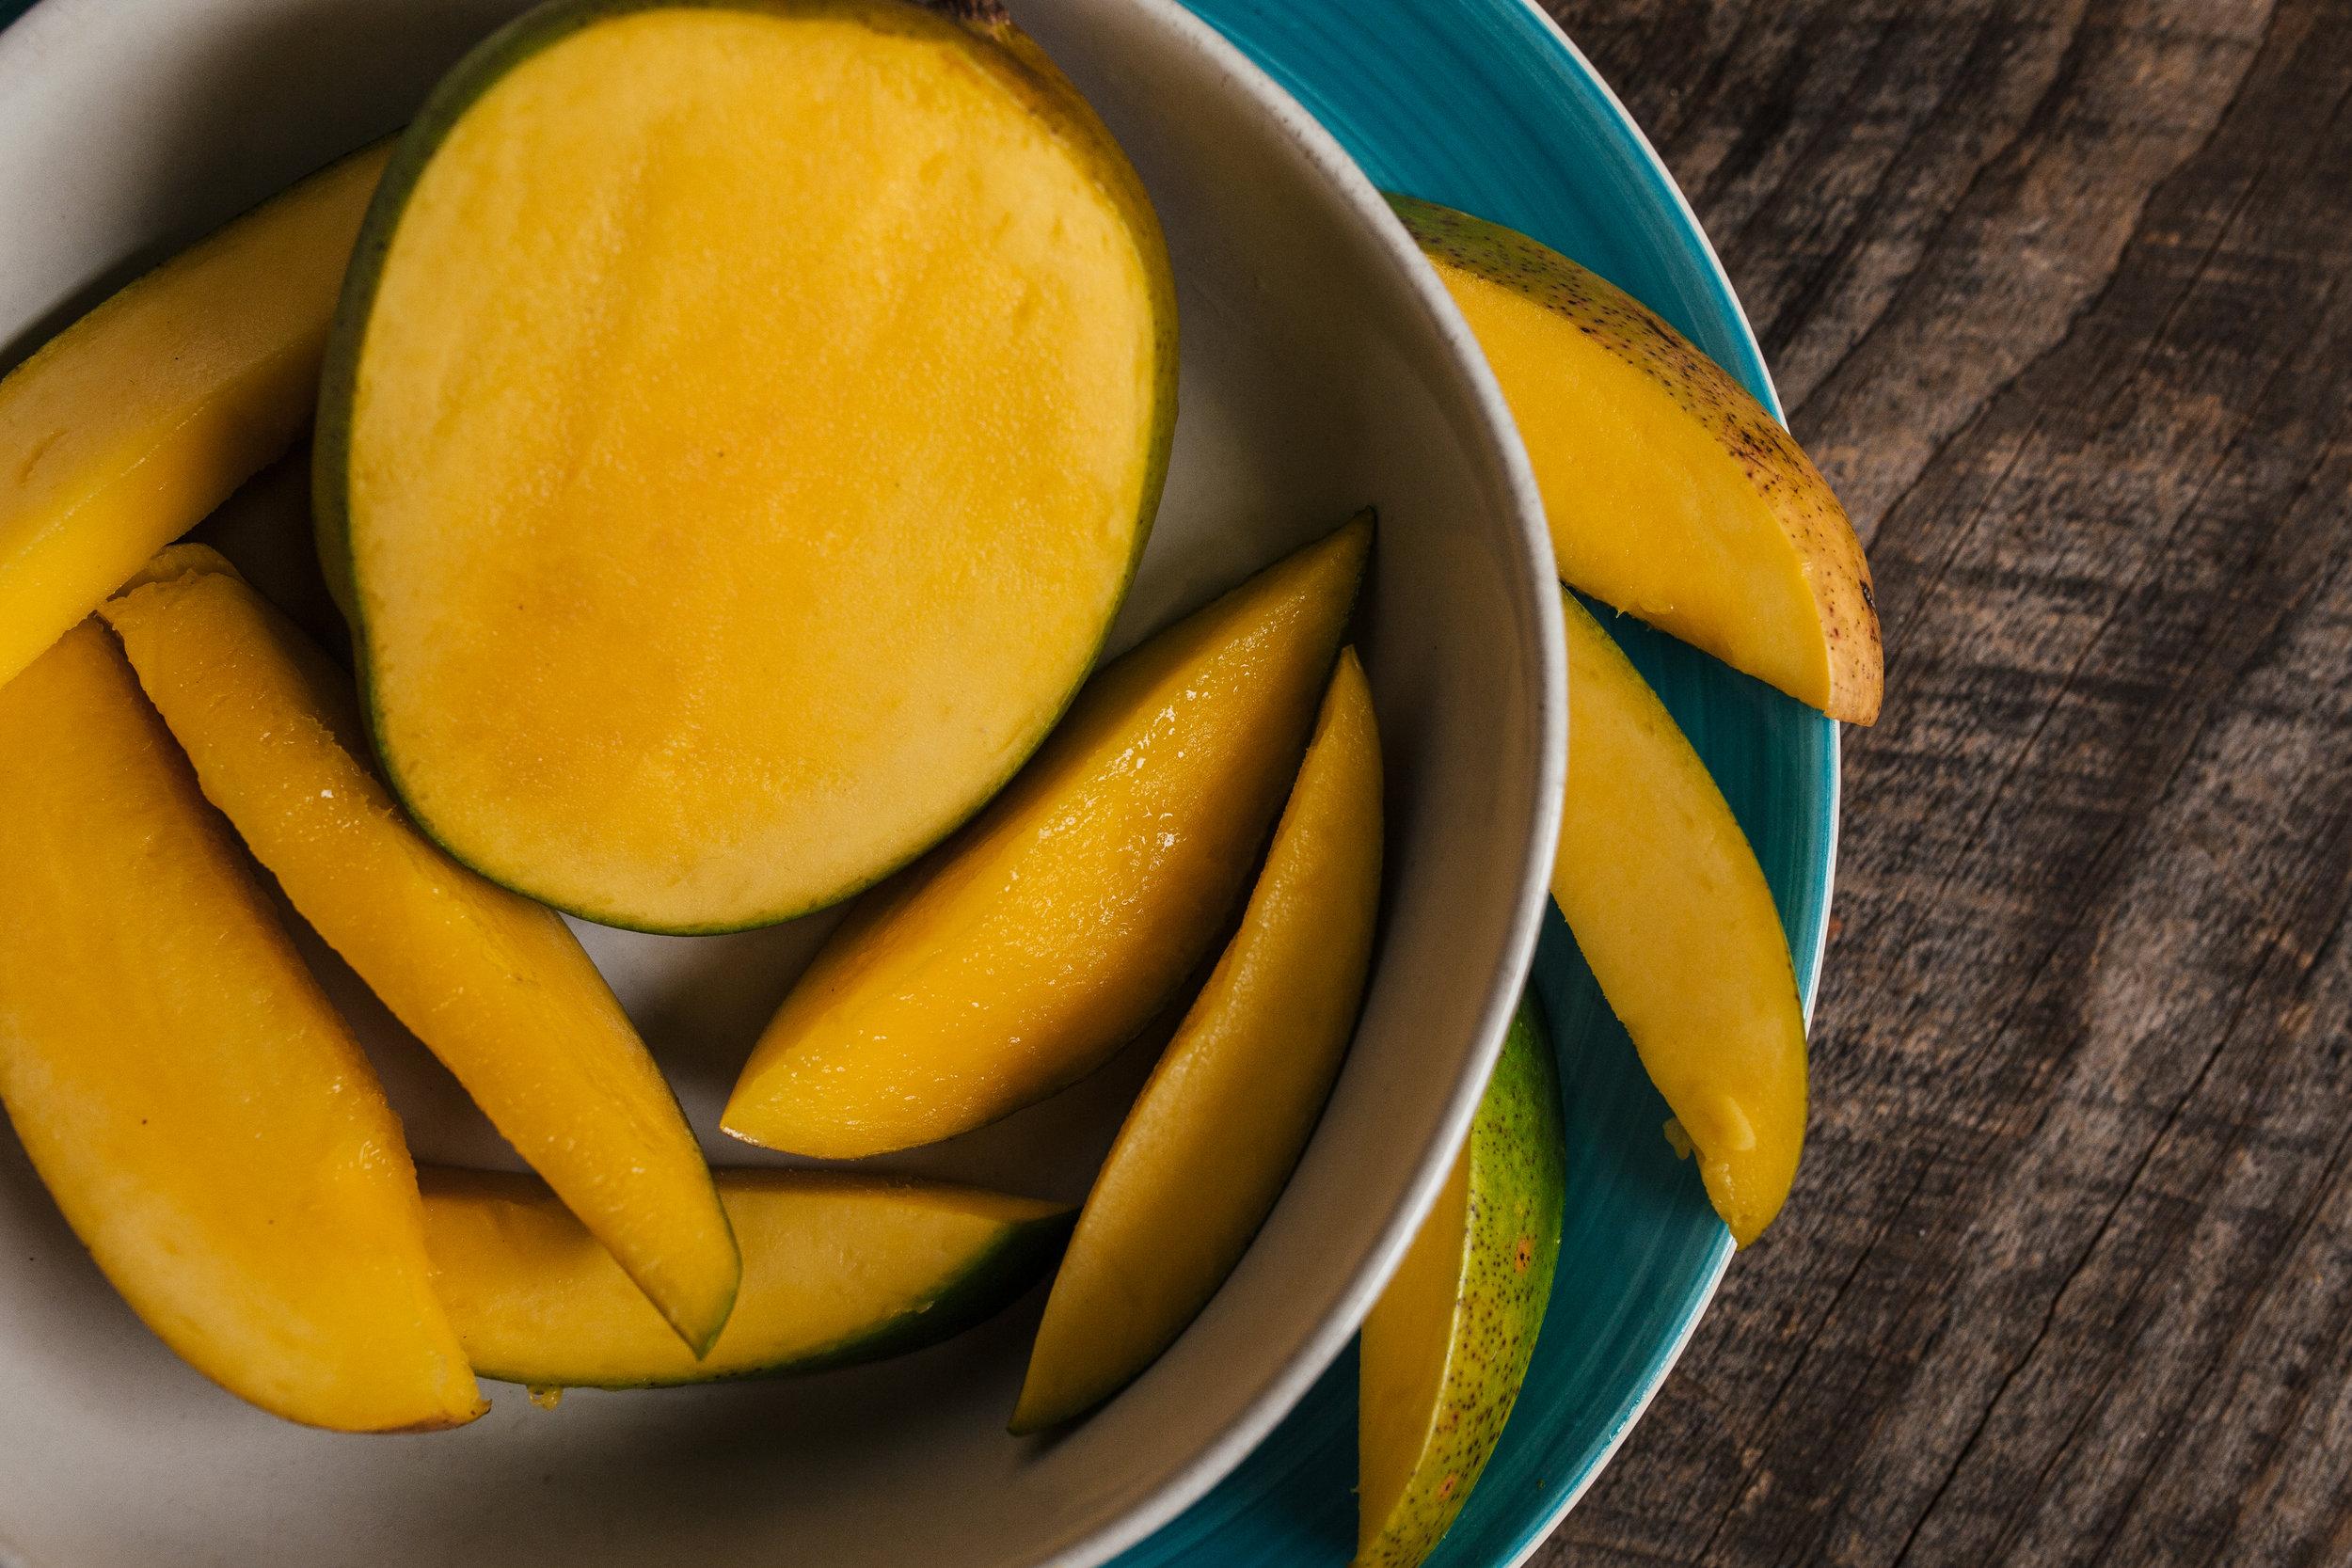 الافطار 4 - اختيارك من الفاكهة